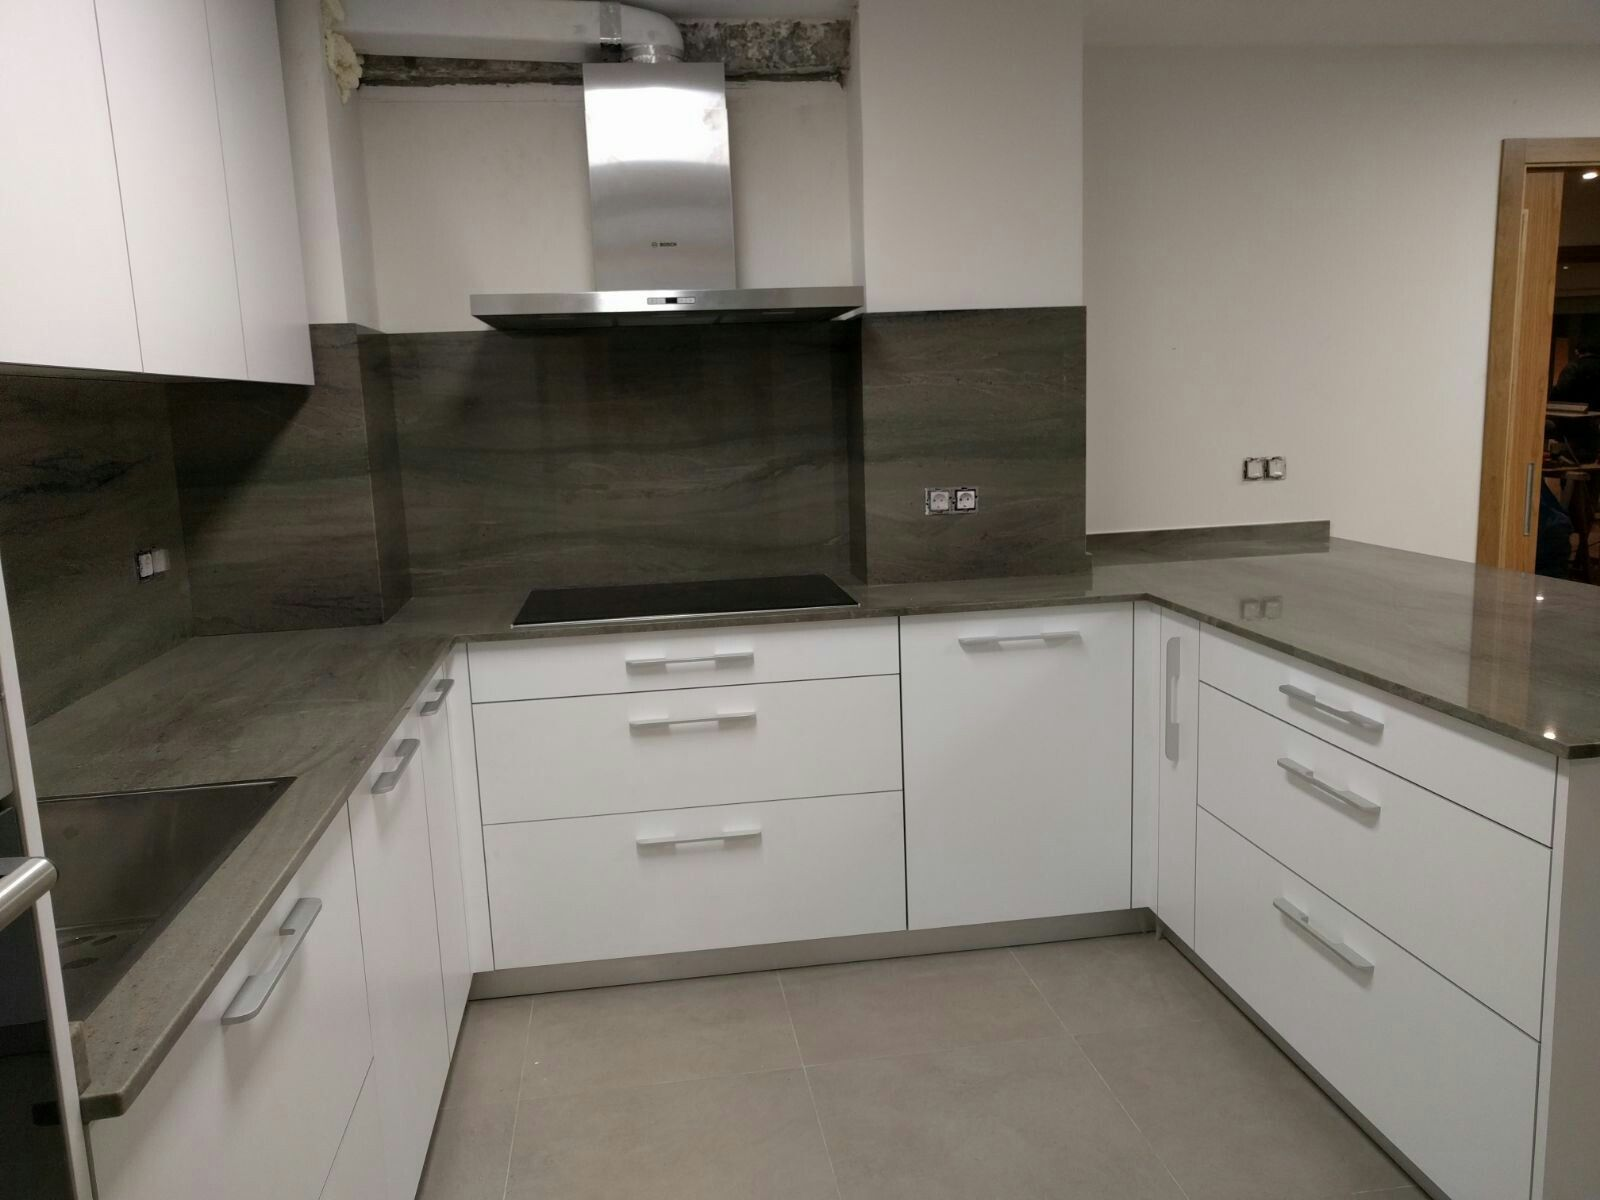 Cocina moderna blanco con encimera y frente en granito - Colores de granito para encimeras de cocina ...